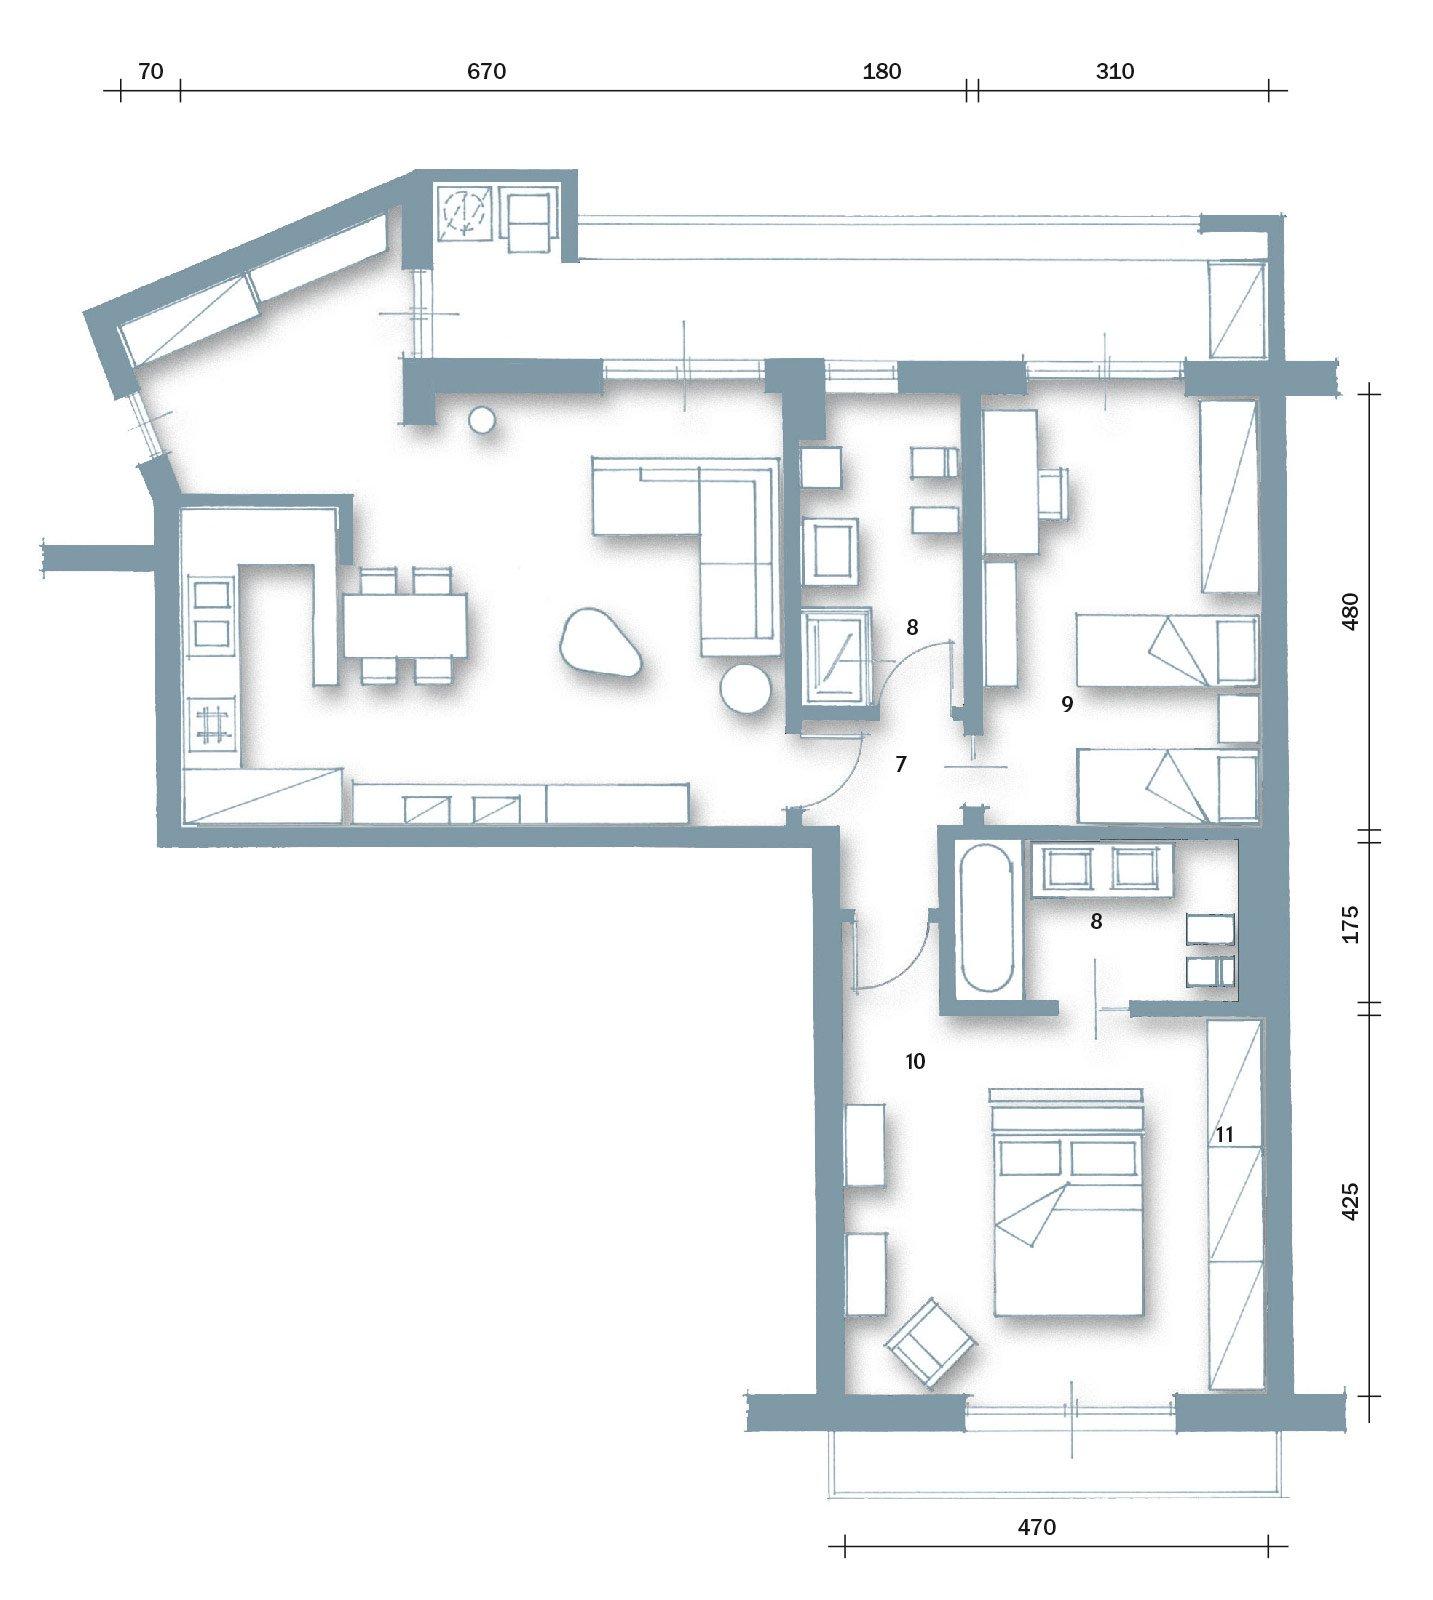 Casabook immobiliare 85 mq una casa per una famiglia giovane for Creare planimetrie